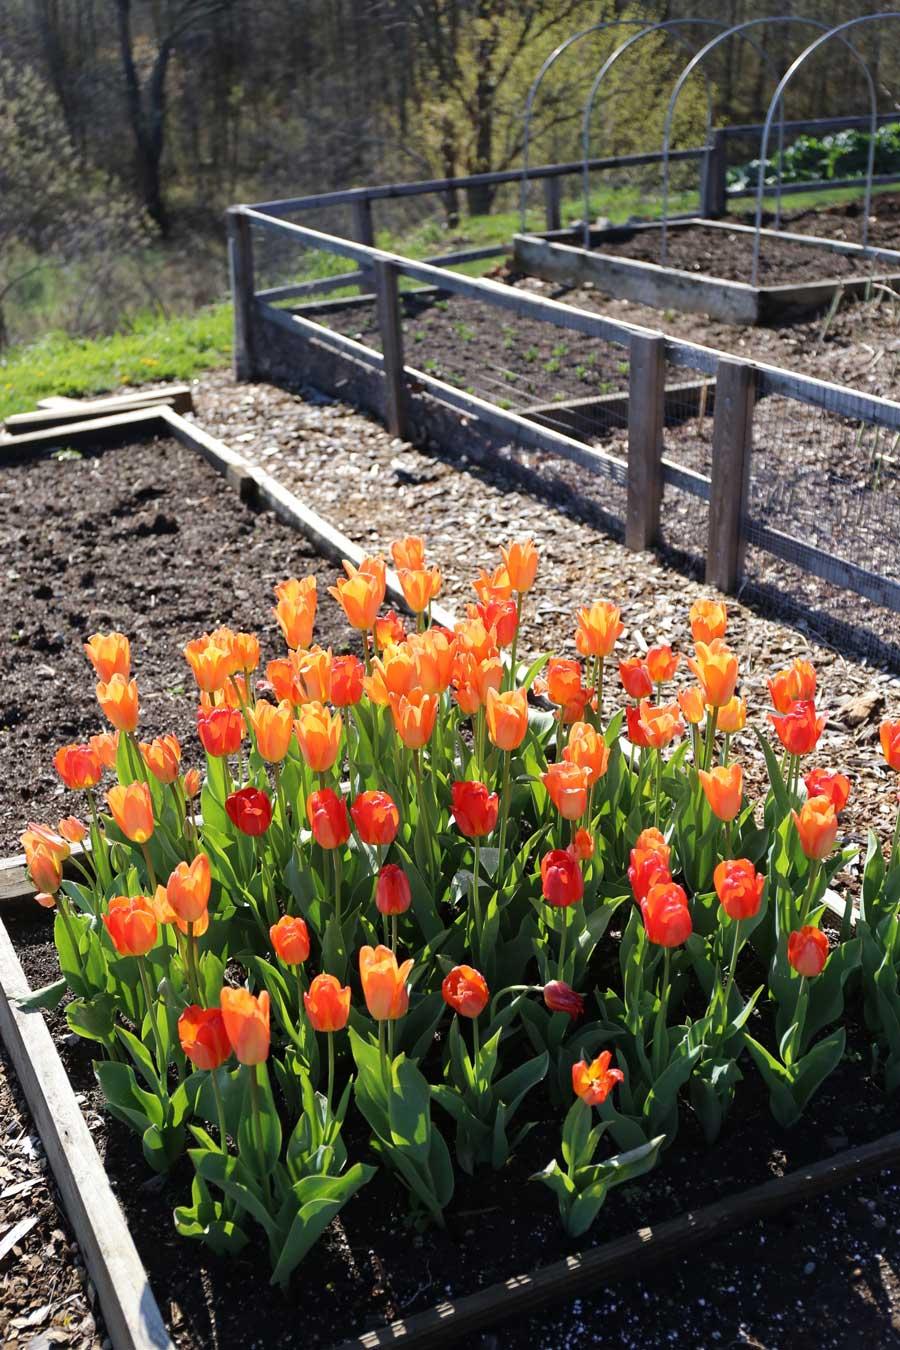 planting tulip bulbs in your vegetable garden longfield